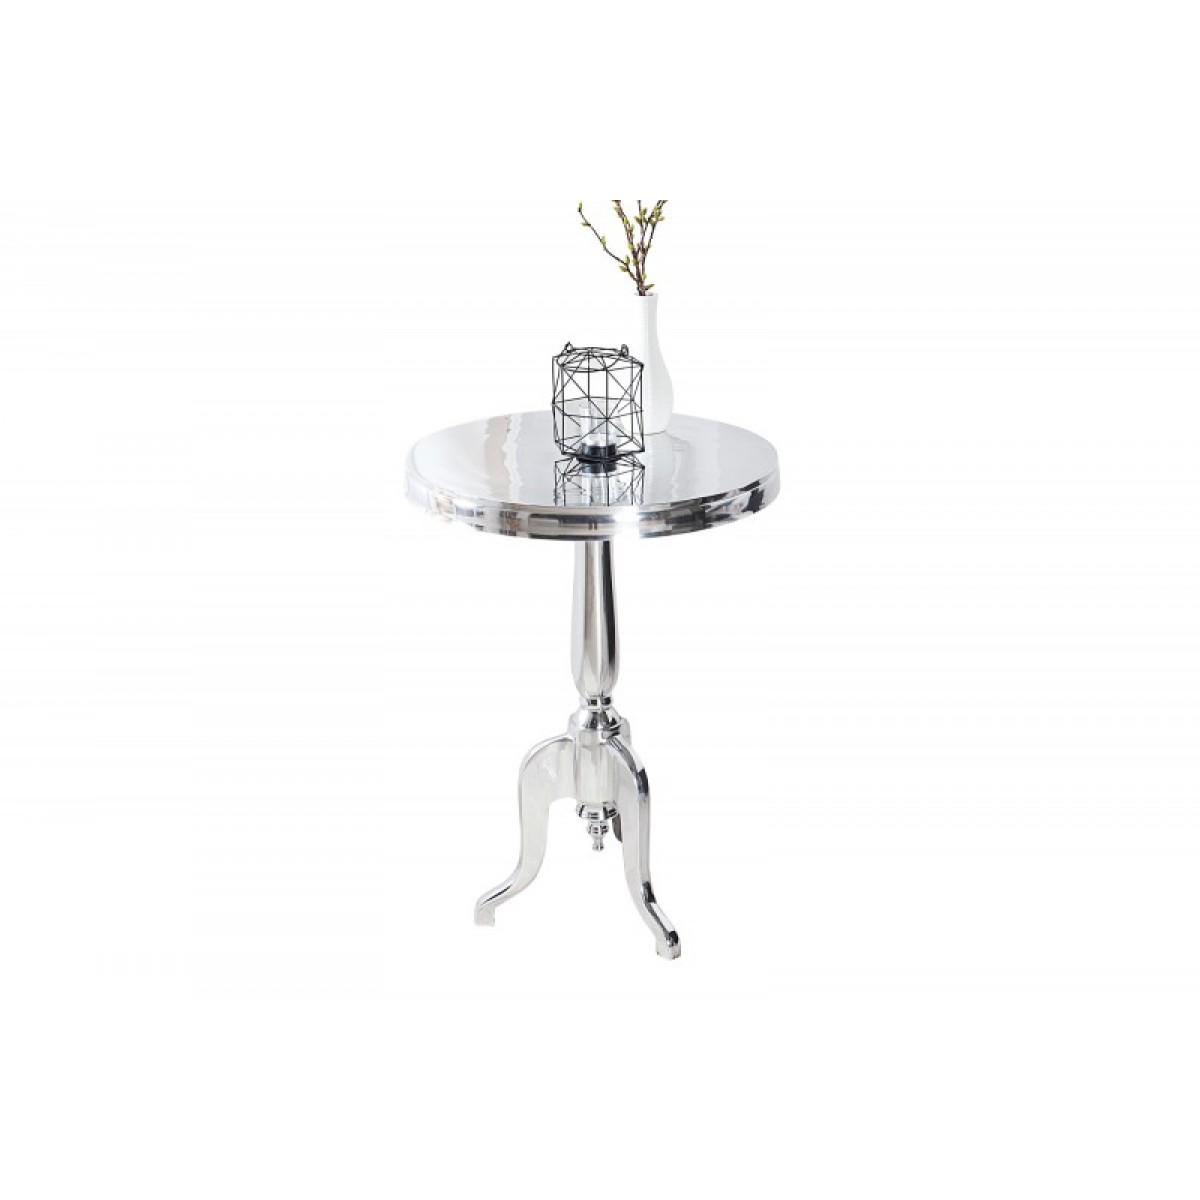 tisch rund silber barock bistrotisch aluminium silber 55 cm. Black Bedroom Furniture Sets. Home Design Ideas